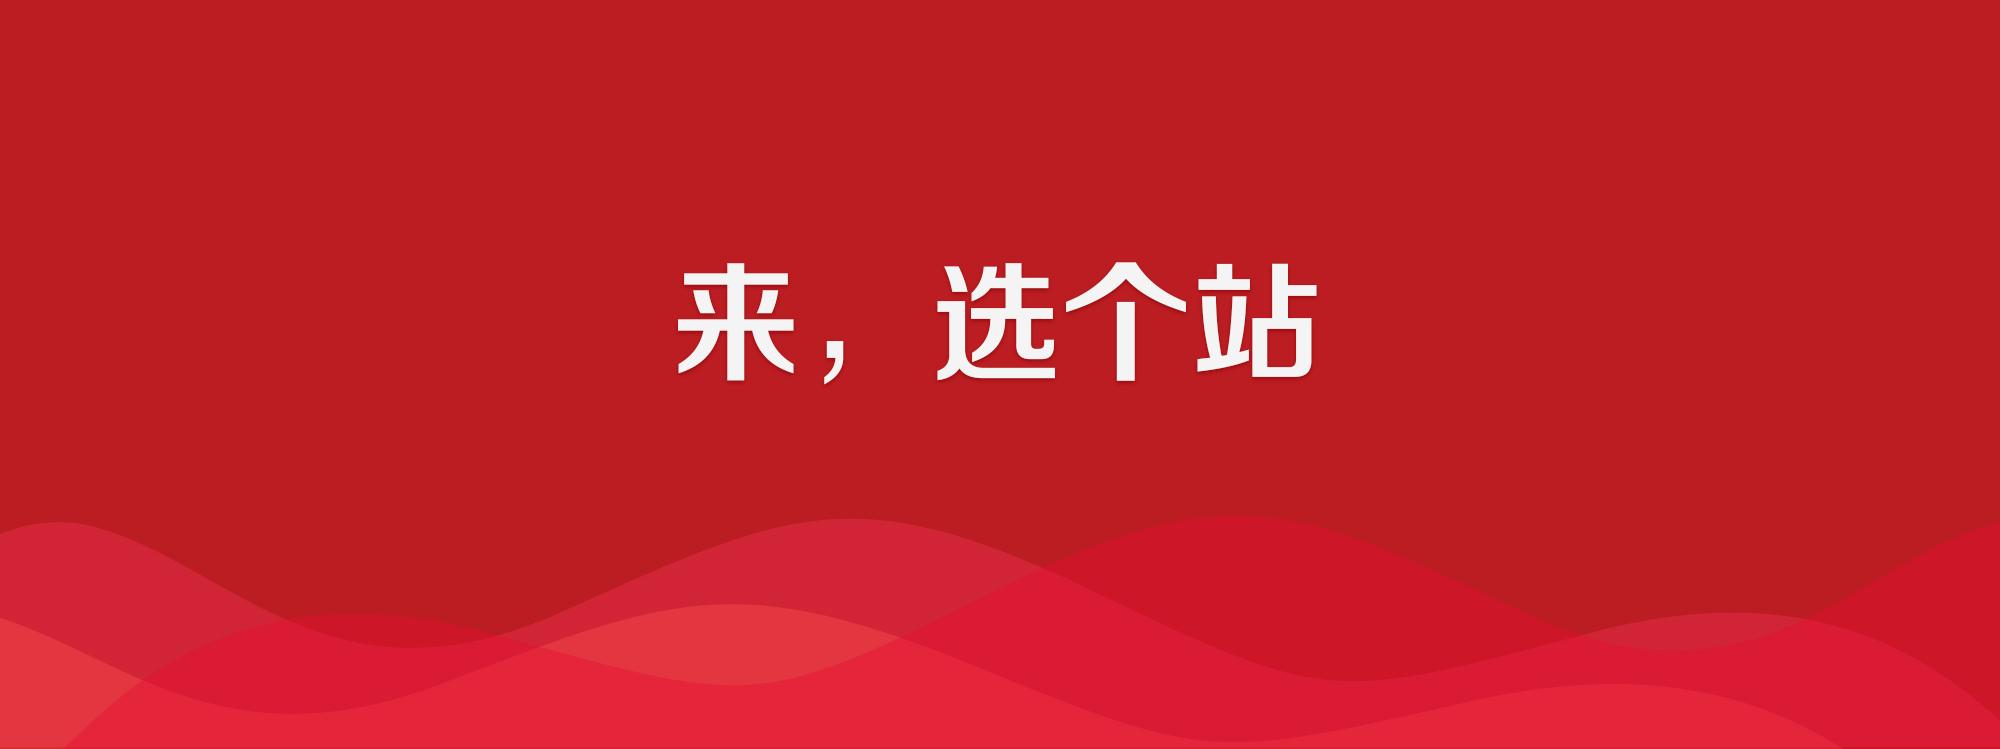 玖佰云市场 创业的起步平台